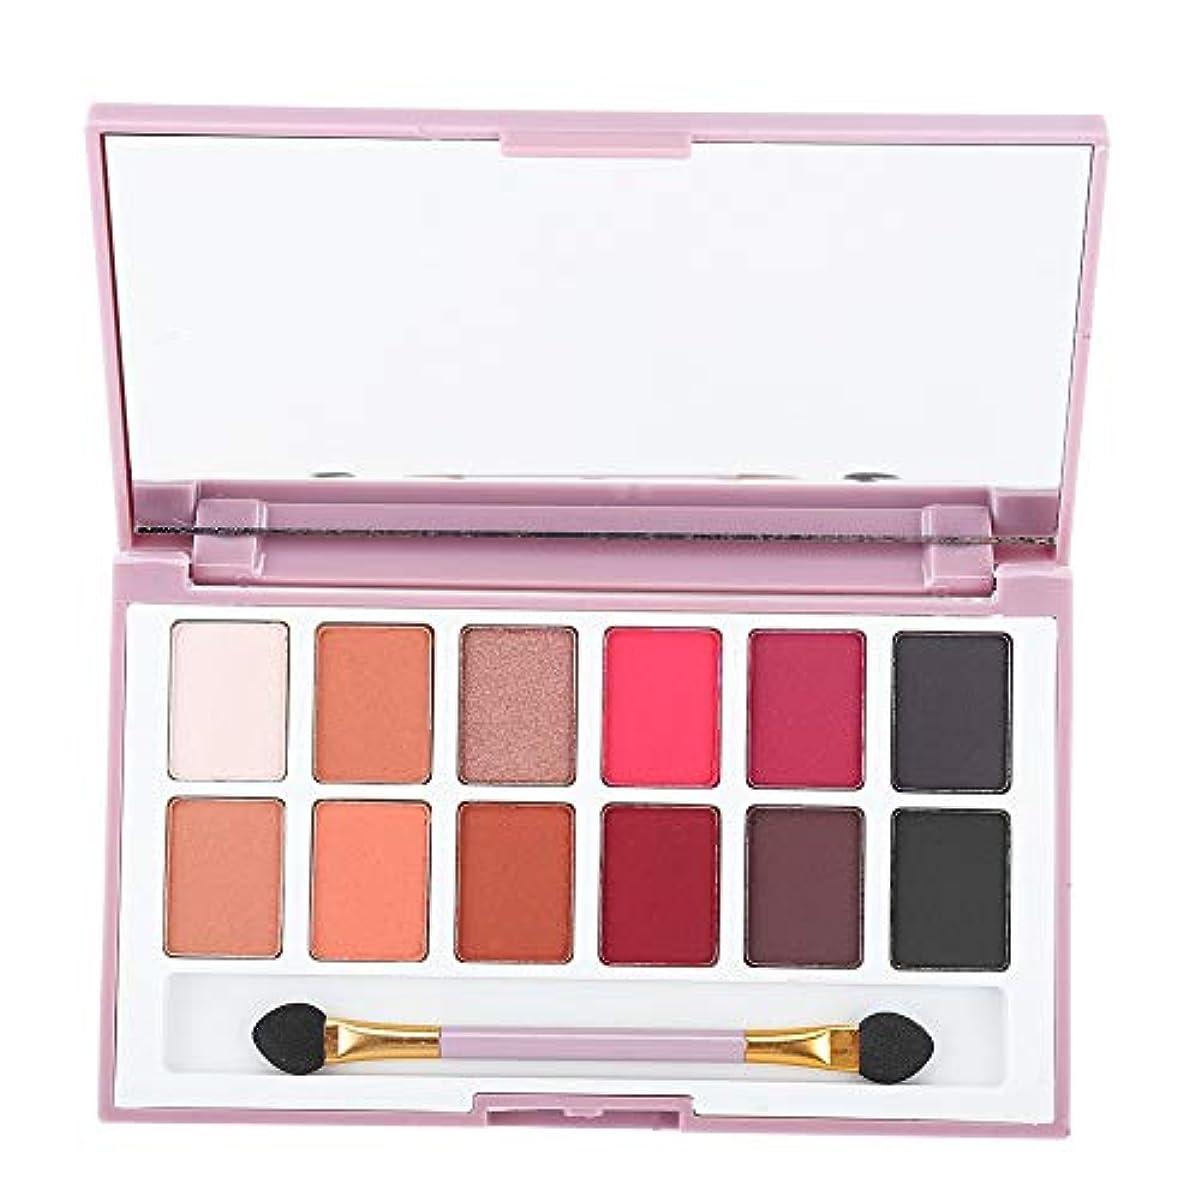 債務者腕スケッチアイシャドウパレット 12色 化粧マット 化粧品ツール アイシャドウパウダー グロス (01)